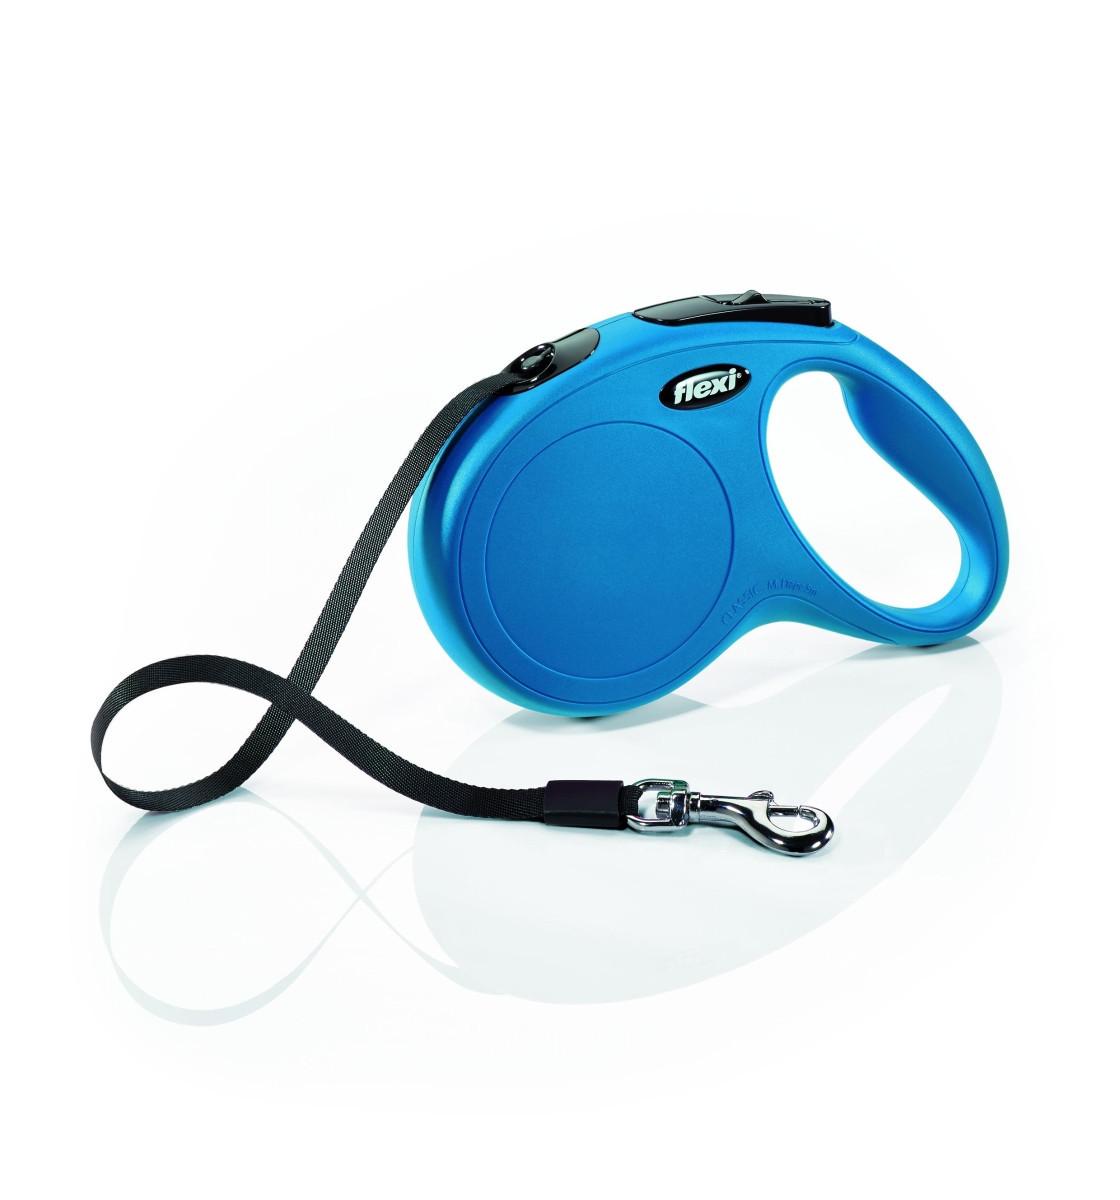 Поводок рулетка ФЛЕКСИ FLEXI Classic S для собак весом до 15 кг, лента 5 метров, цвет синий